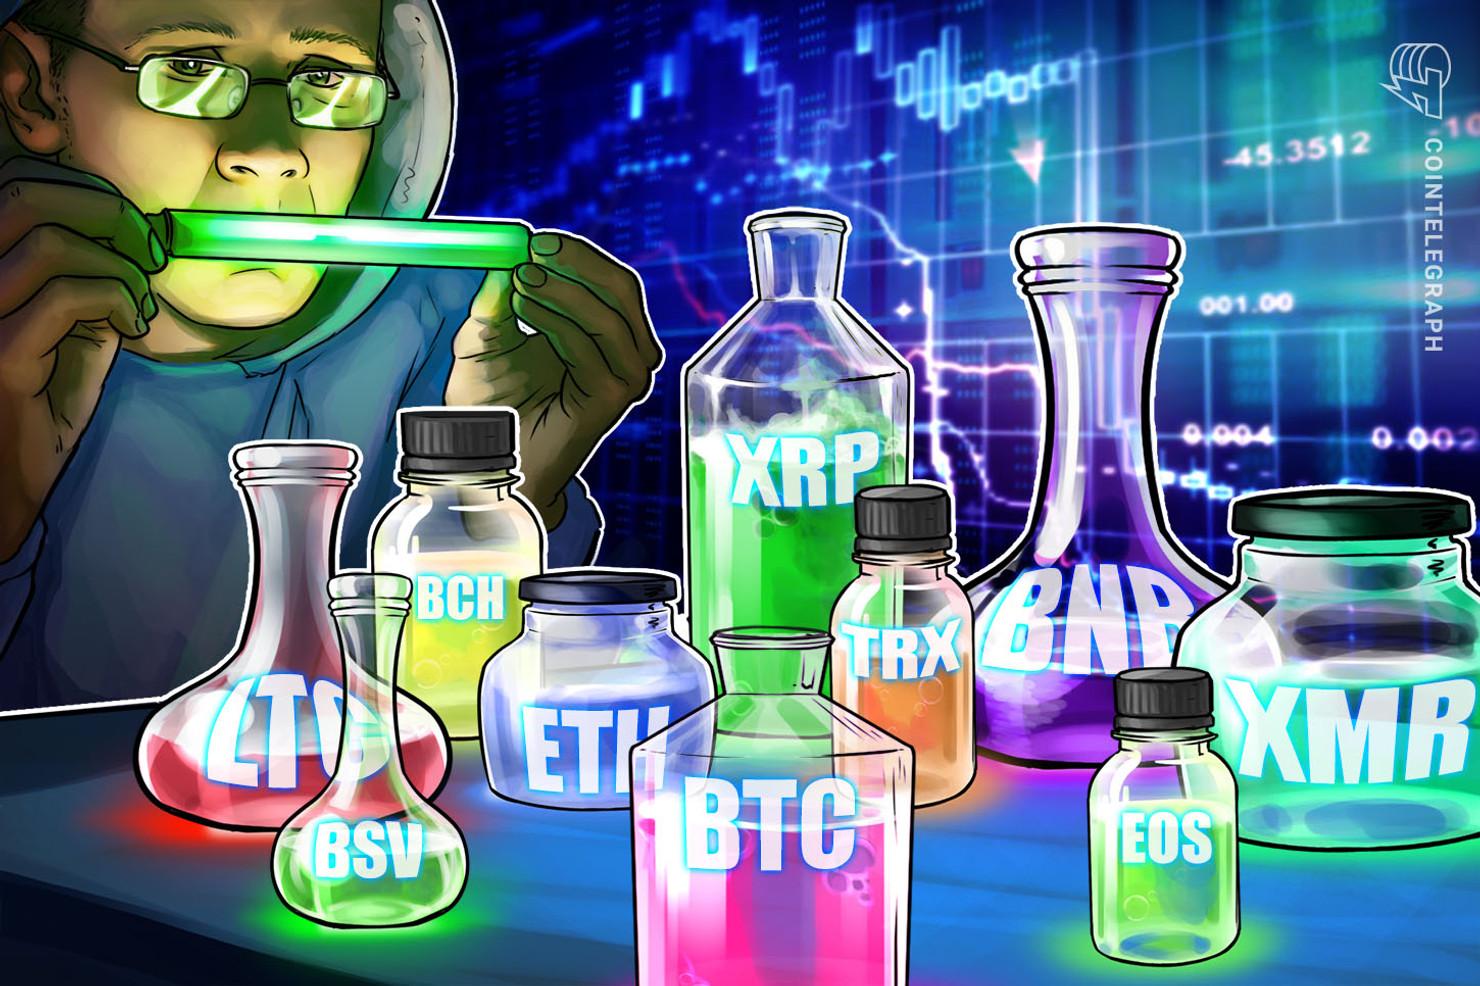 1万ドルへの道、まずは9500ドル突破が目標 仮想通貨ビットコイン・イーサ・XRP(リップル)のテクニカル分析【価格予想】